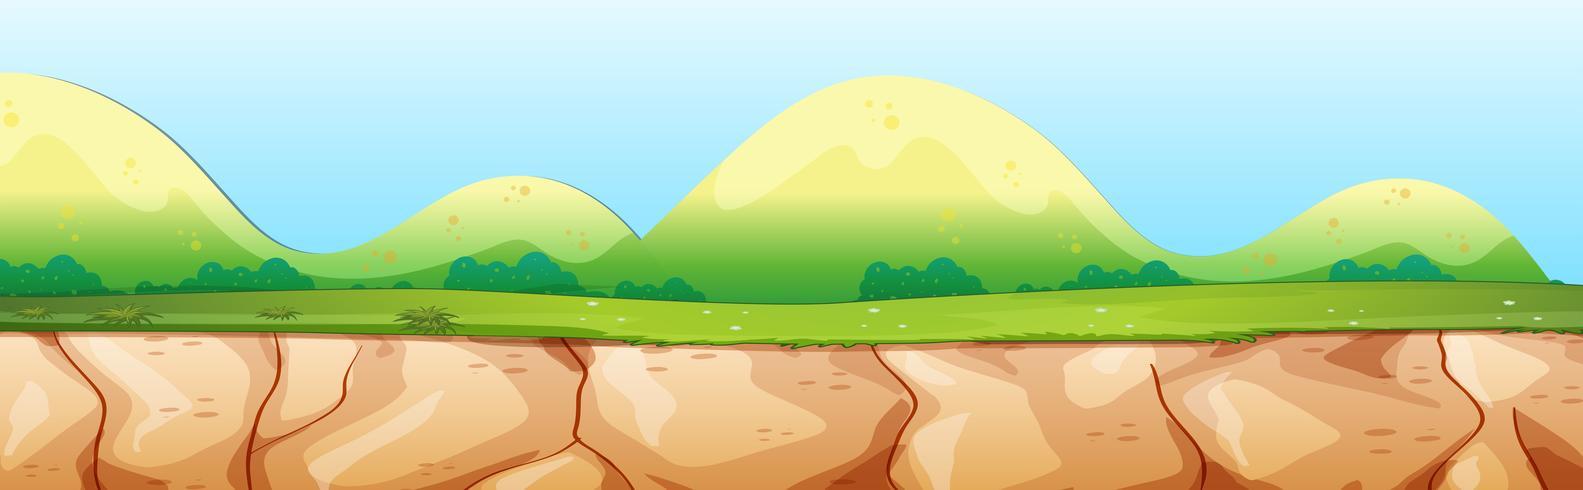 Natur scen med klippa och berg